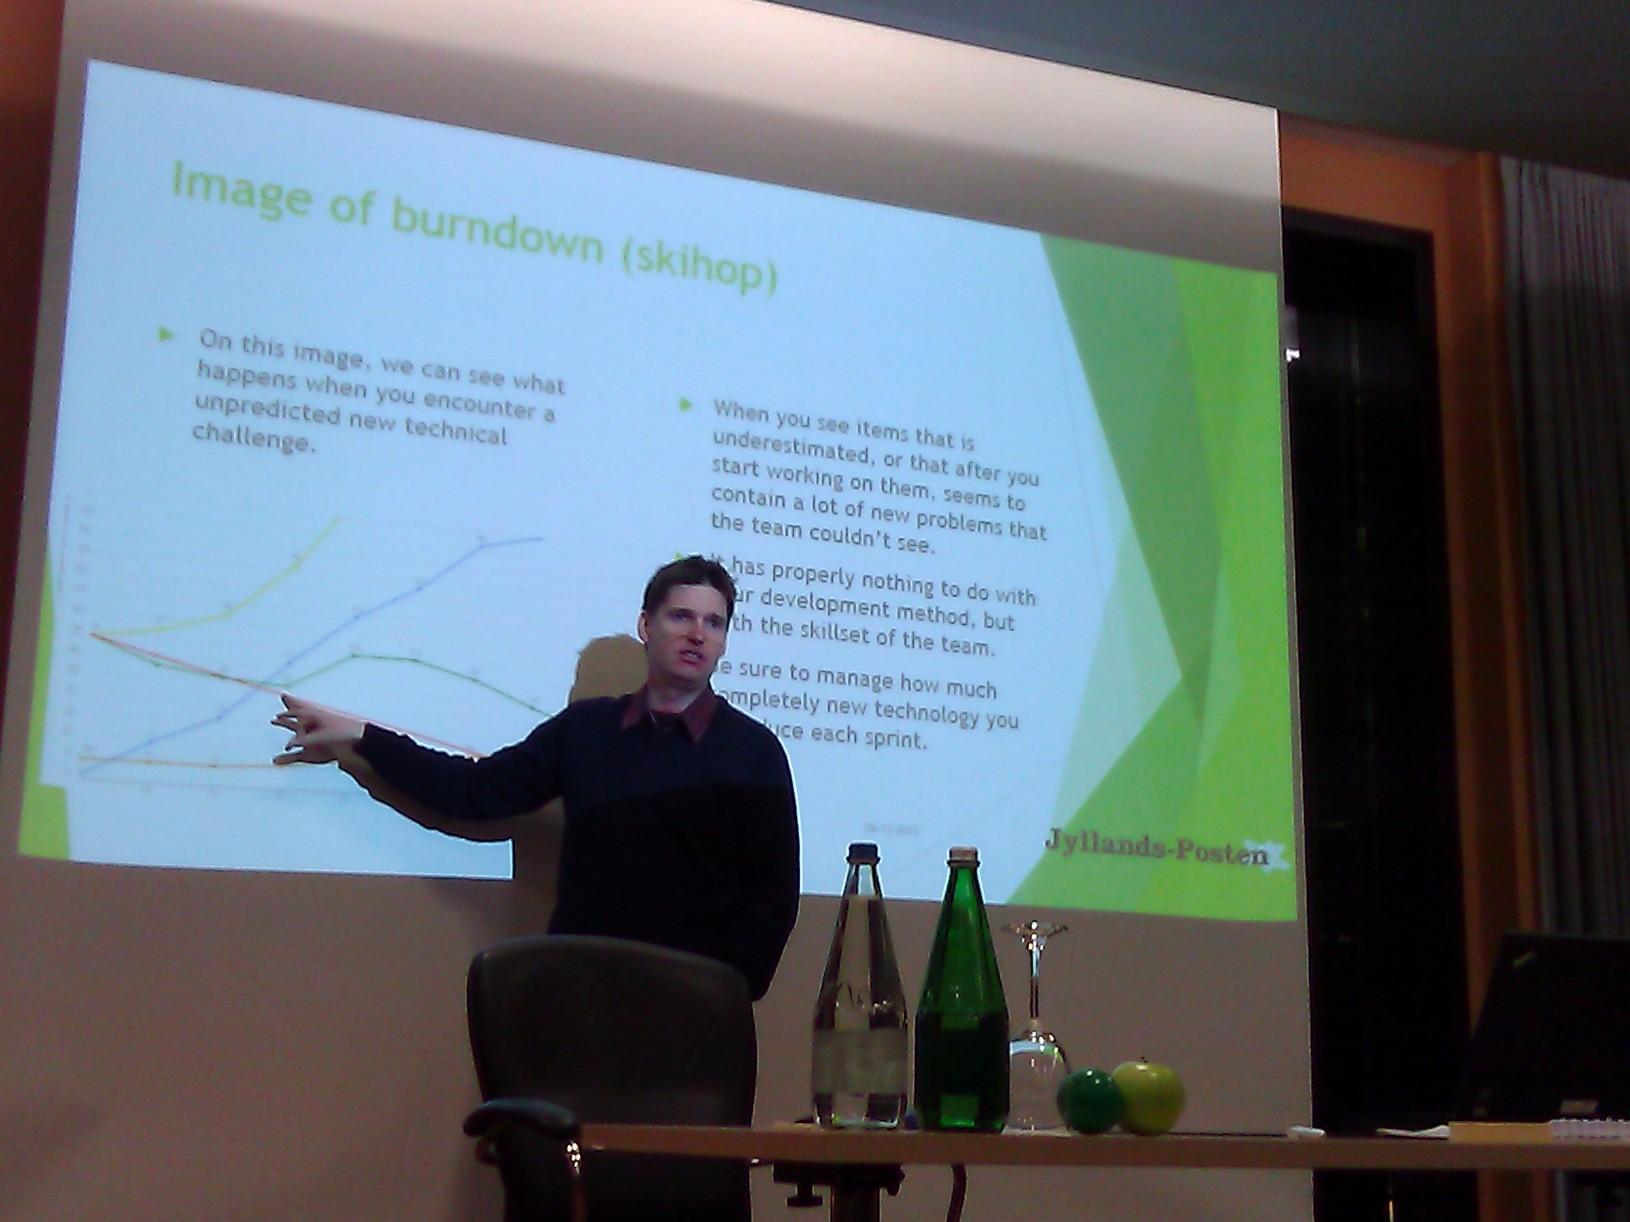 burndown-chart-skihop-effect-Jyllands-Posten